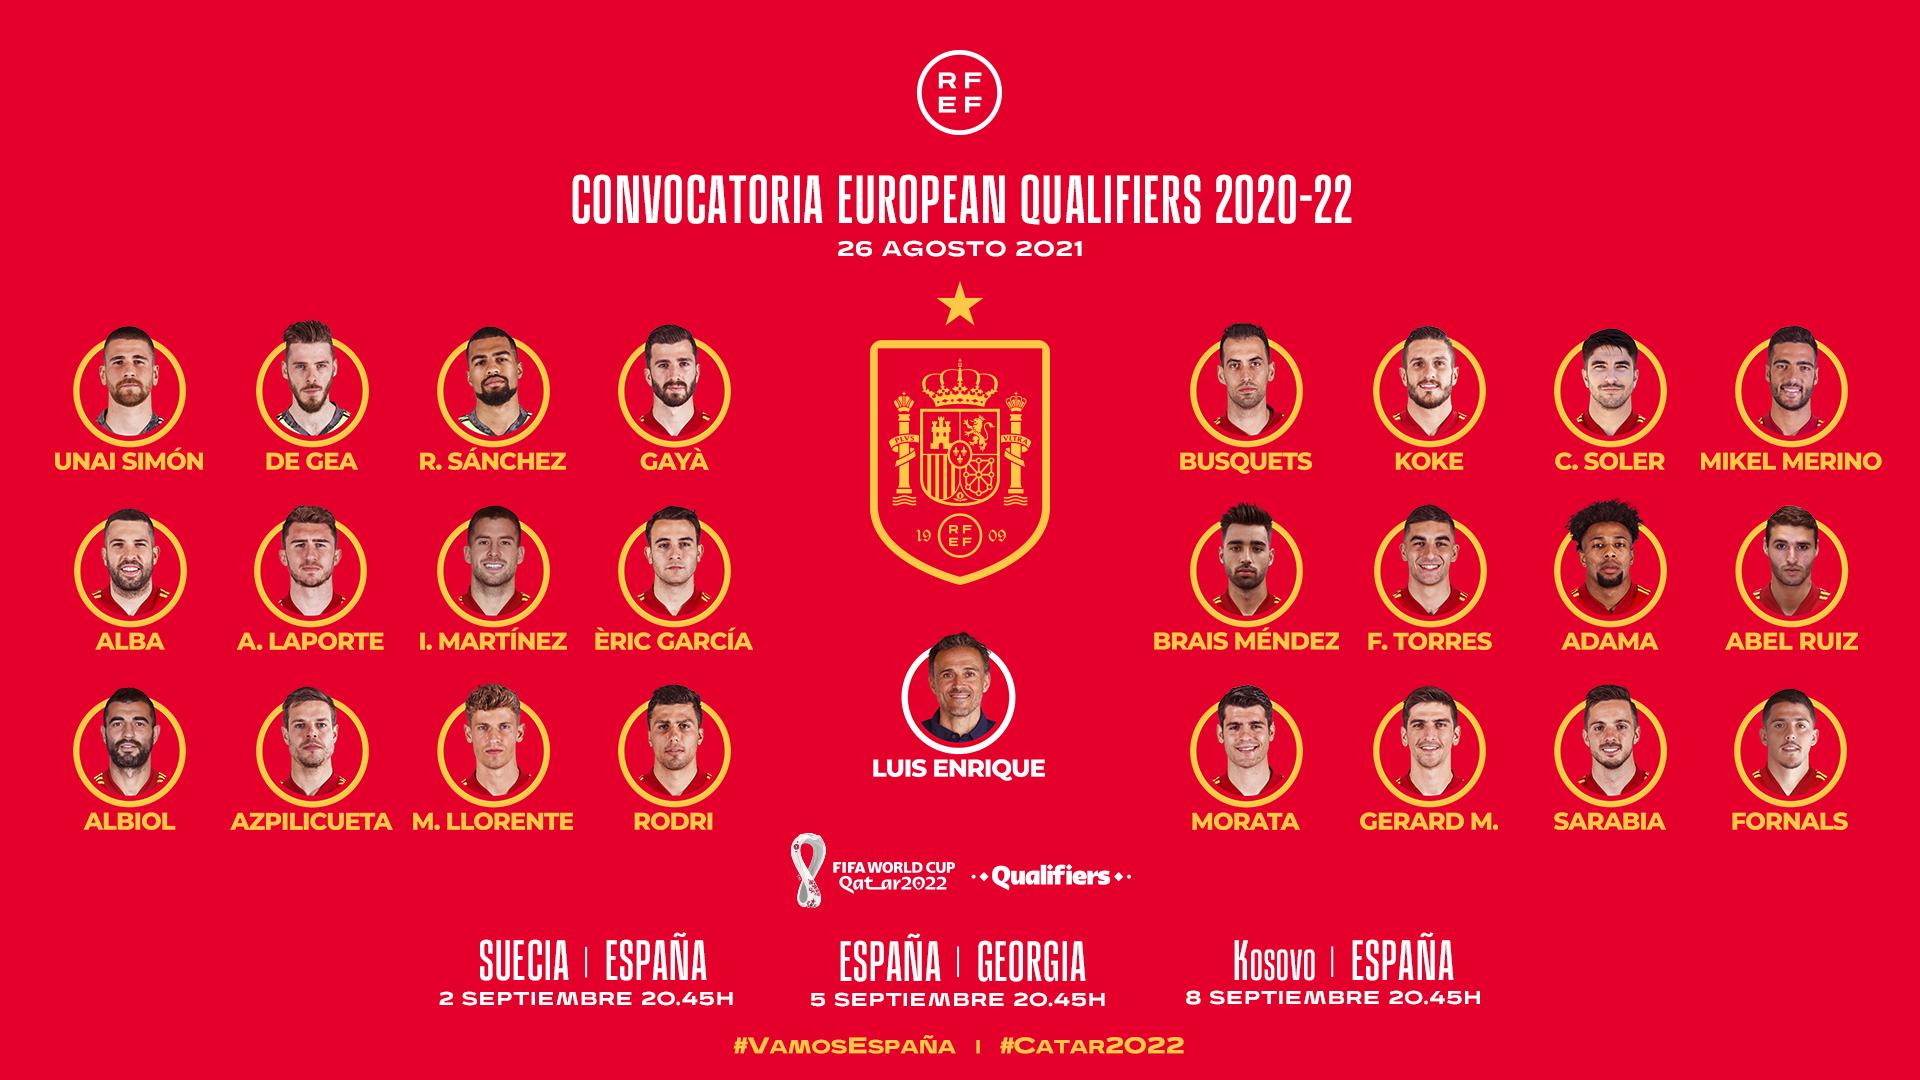 ผู้เล่นชาวสเปนเตรียมลงเล่นสามนัดคัดเลือกสำหรับฟุตบอลโลกปี 2022 ภาพ: RFEF